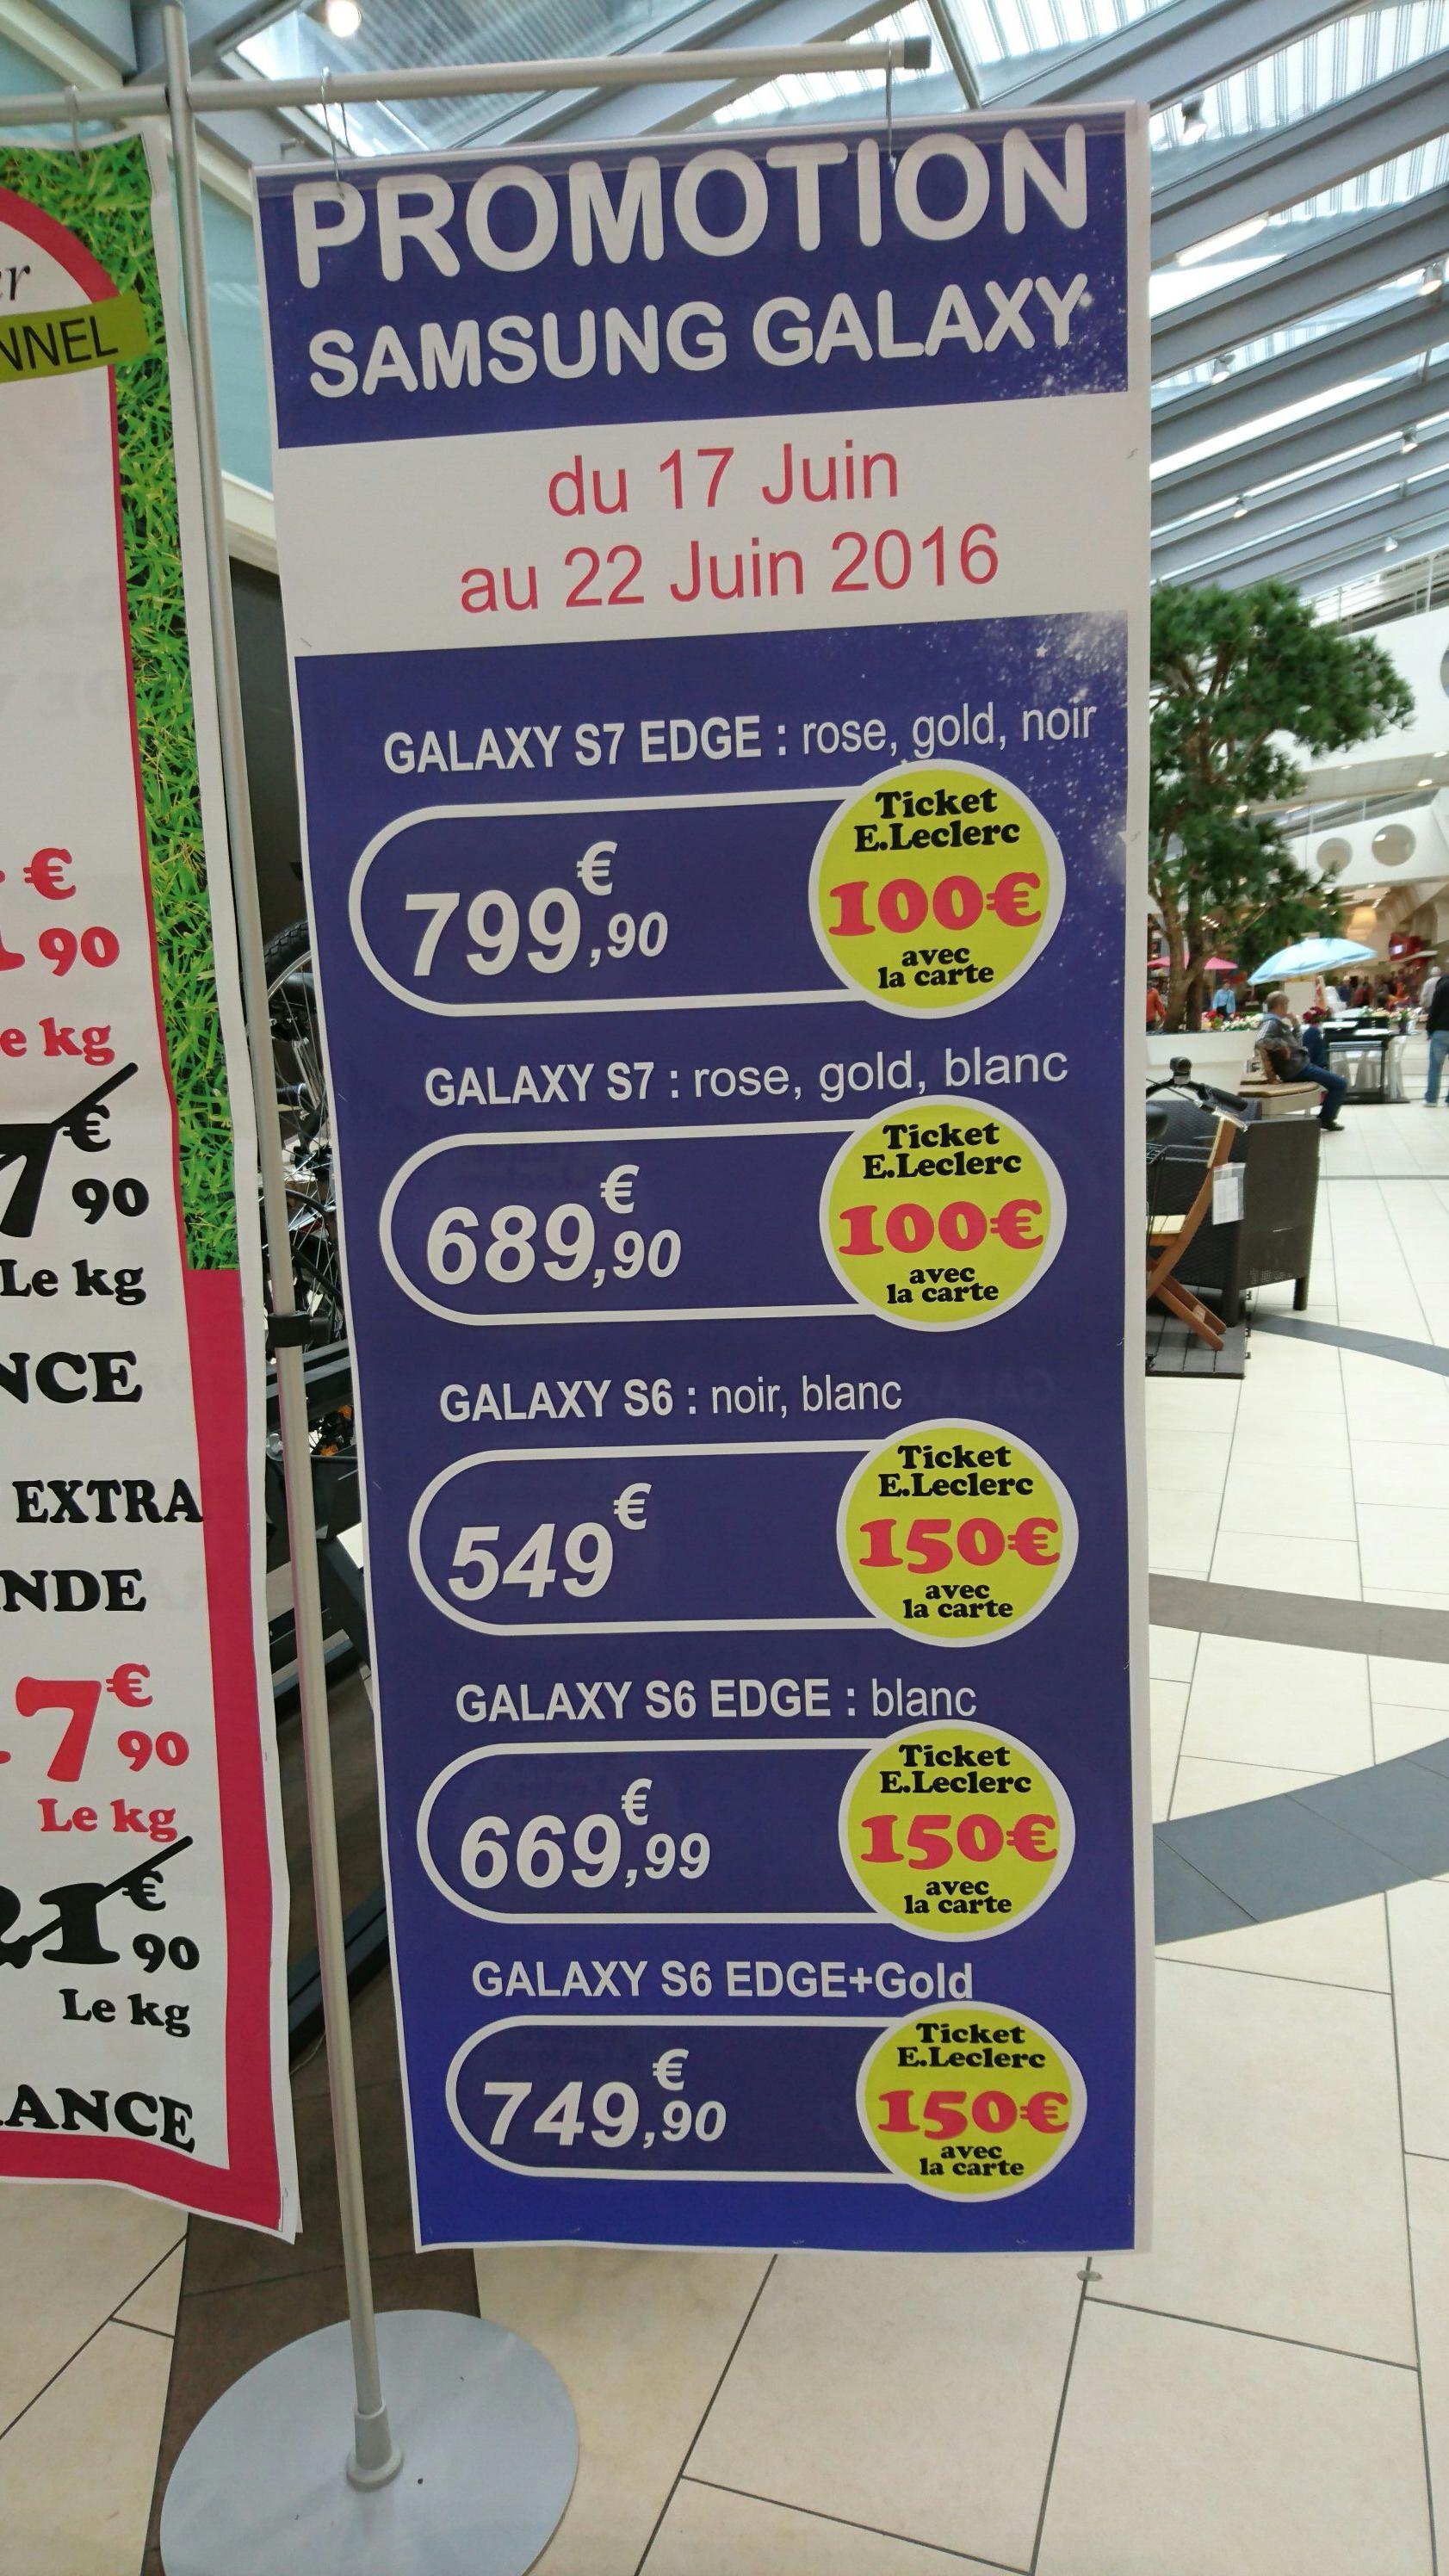 Remise Ticket Leclerc sur les smartphones Samsung Galaxy - Ex: Galaxy S6 Noir ou blanc (avec 150€ en ticket)